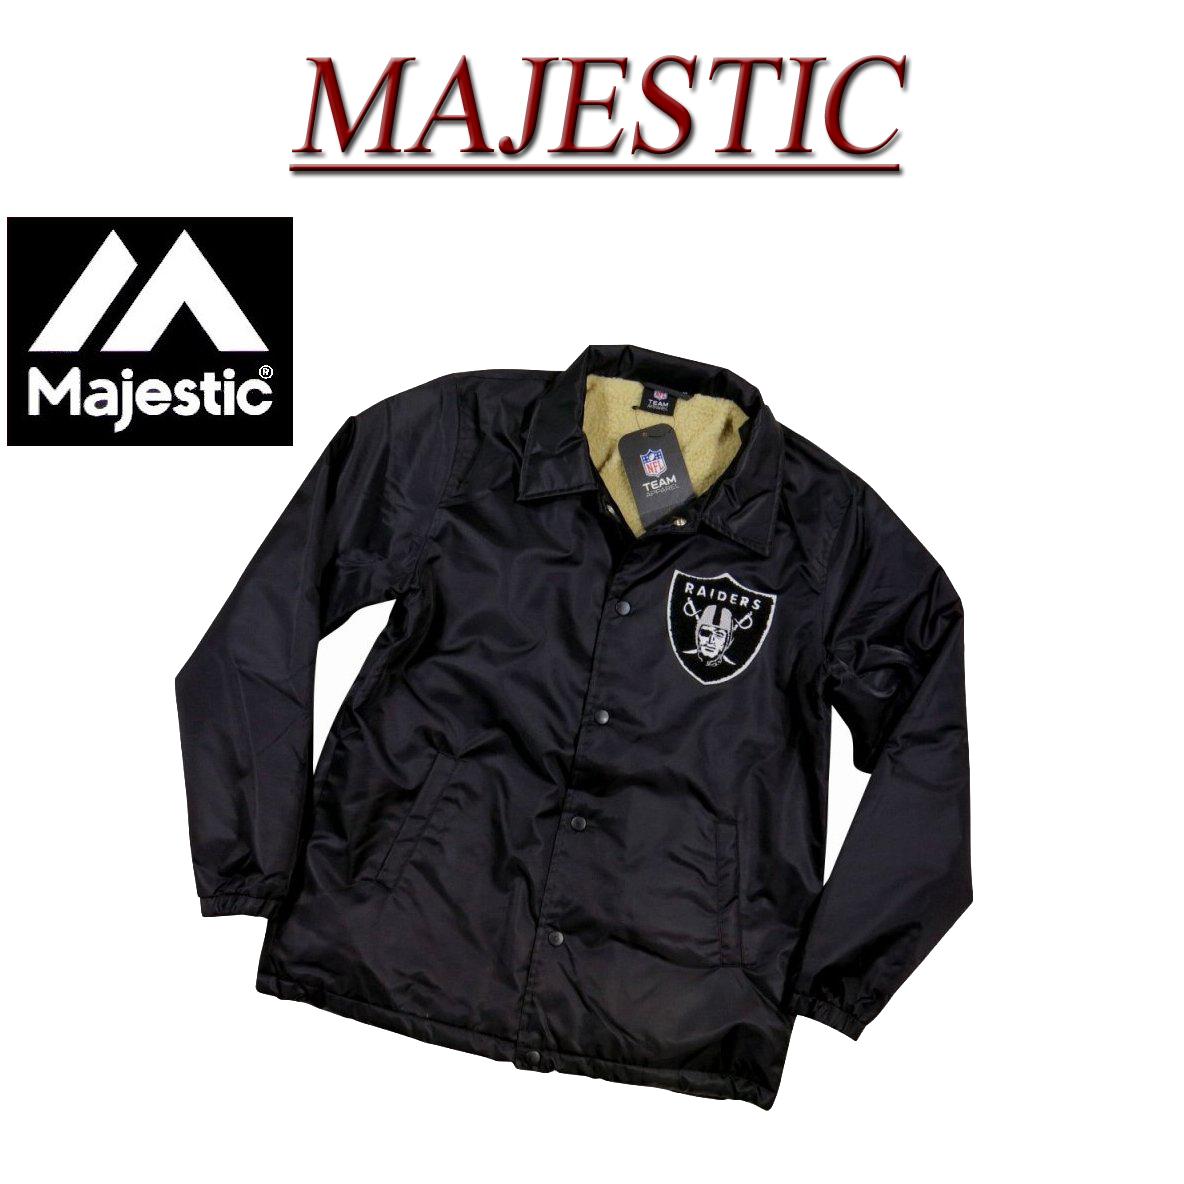 【5サイズ】 jb971 新品 MAJESTIC オークランド レイダース さがら刺繍 裏ボア コーチジャケット FM23-OLR-7F02 メンズ マジェスティック Oakland Raiders NFL OFFICIAL WEAR ウインドブレーカー ナイロンジャケット